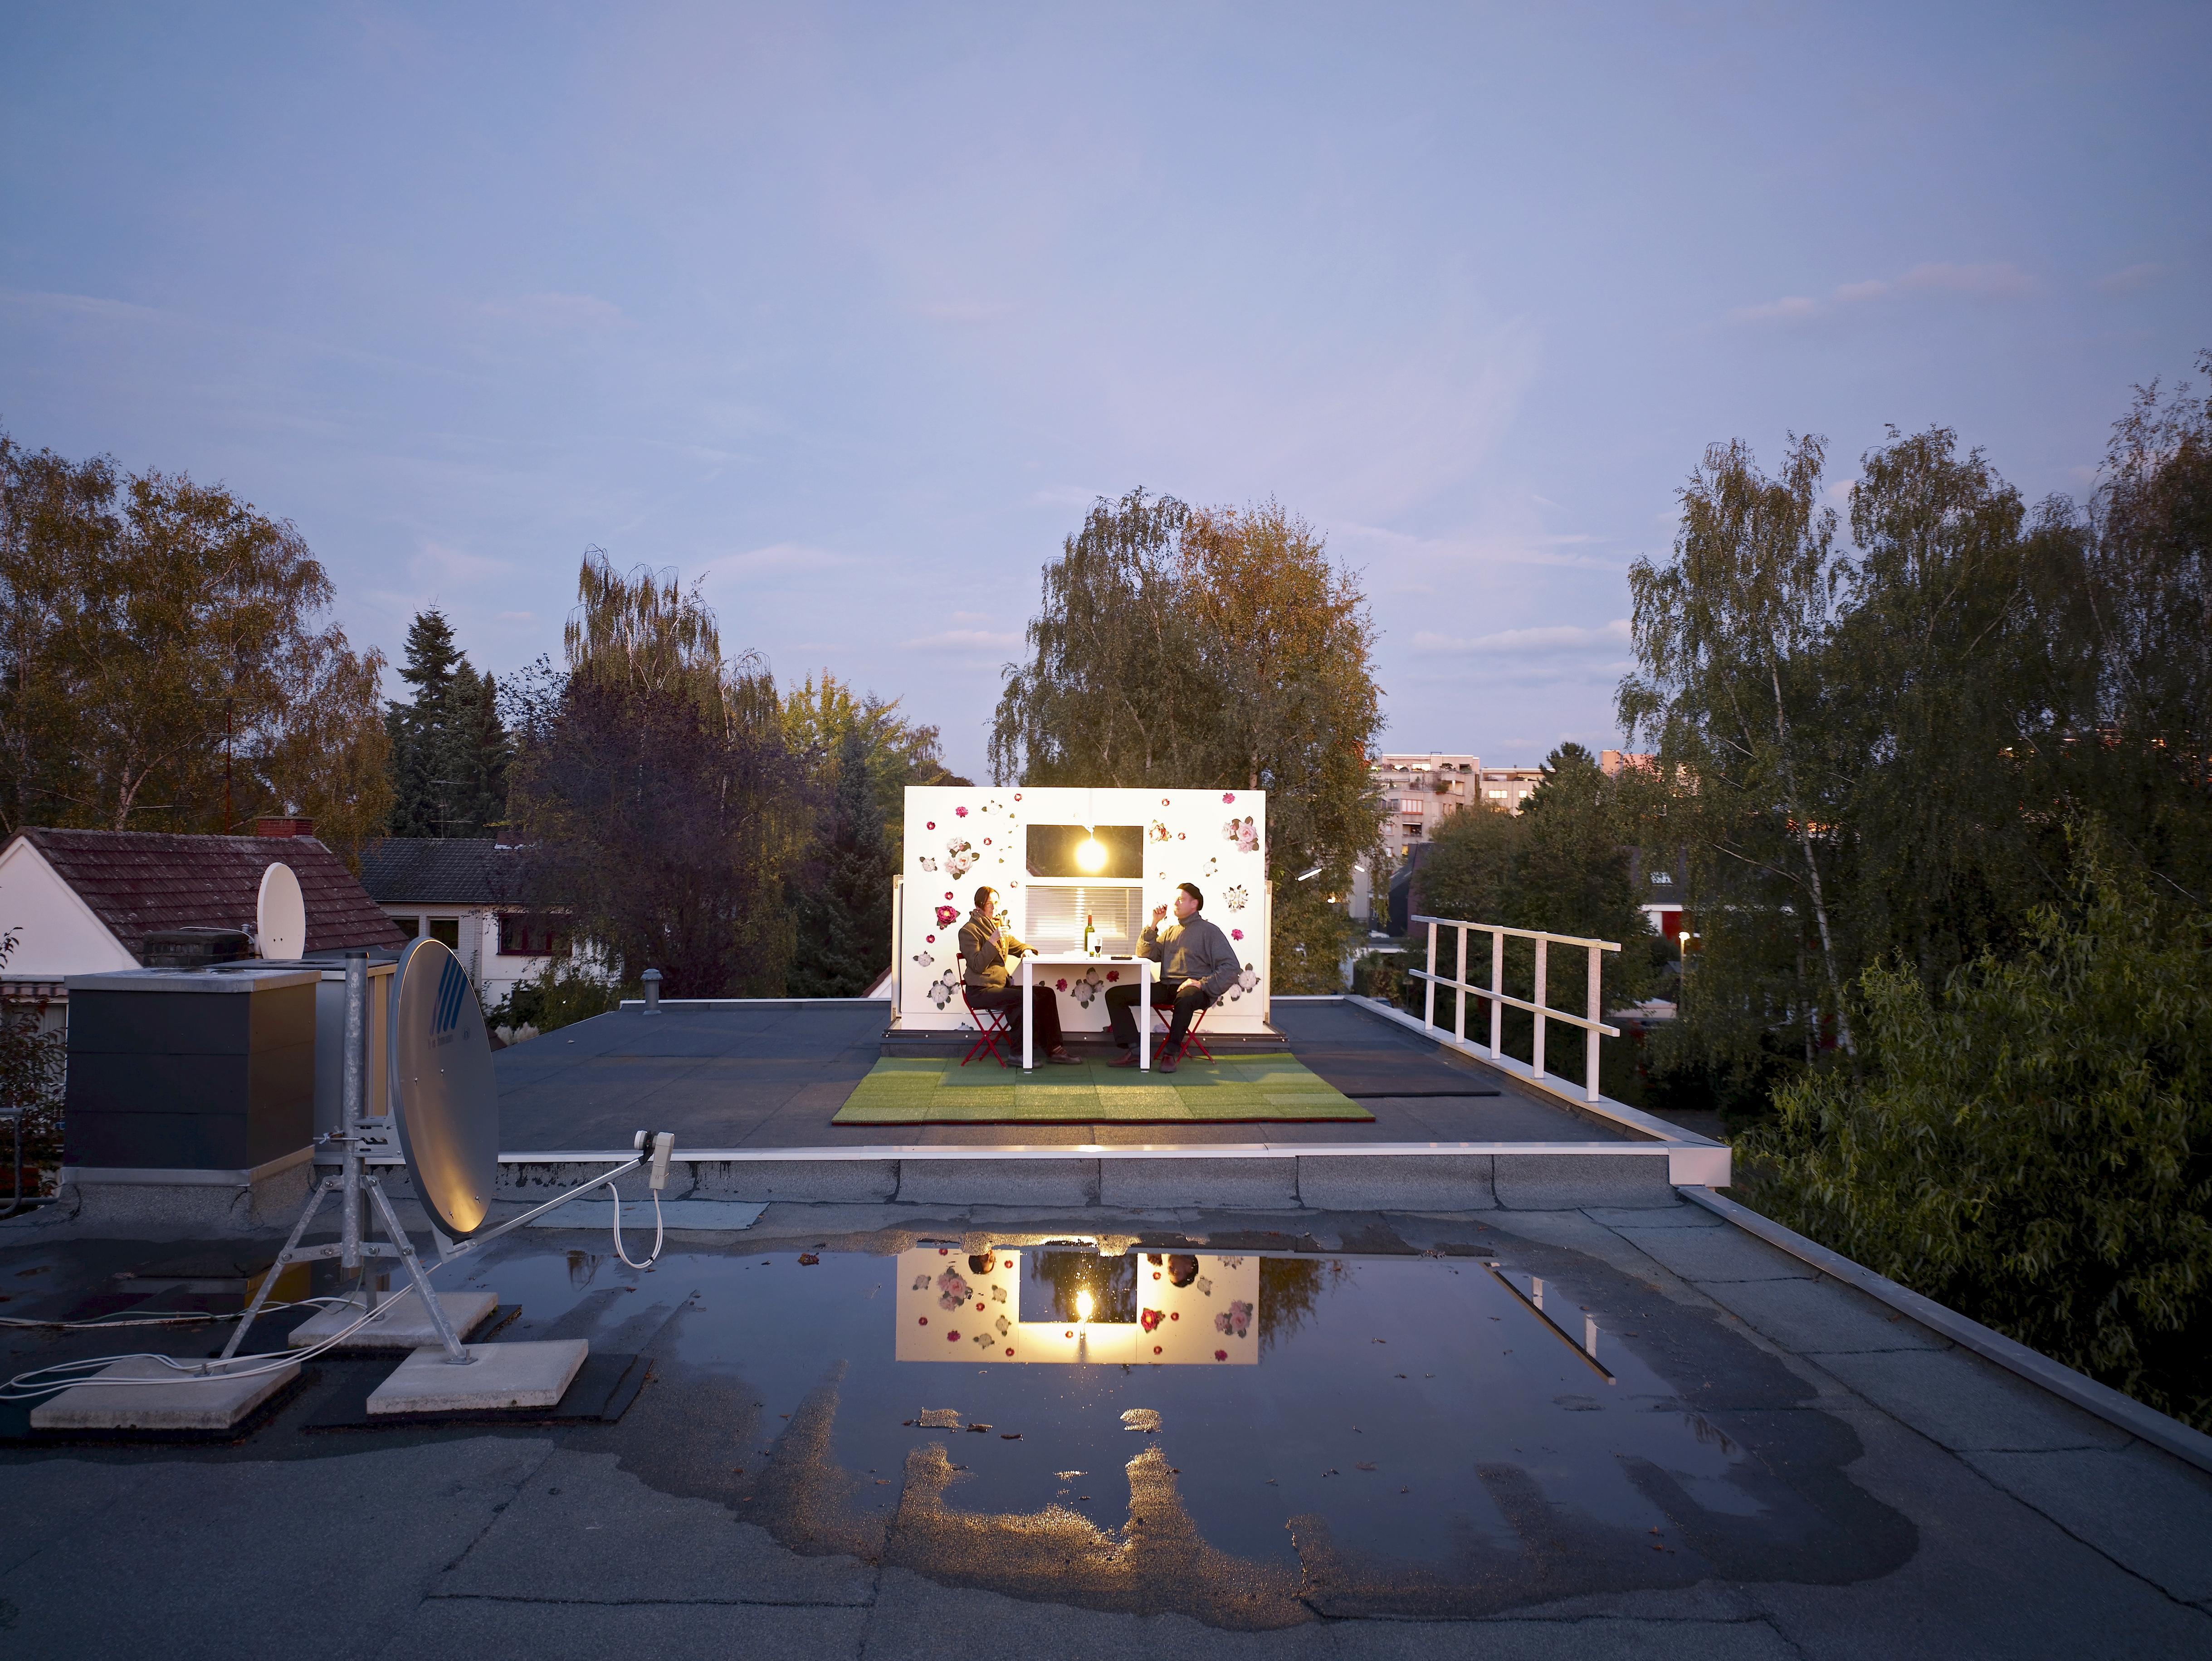 Dachgarten im Abendlicht